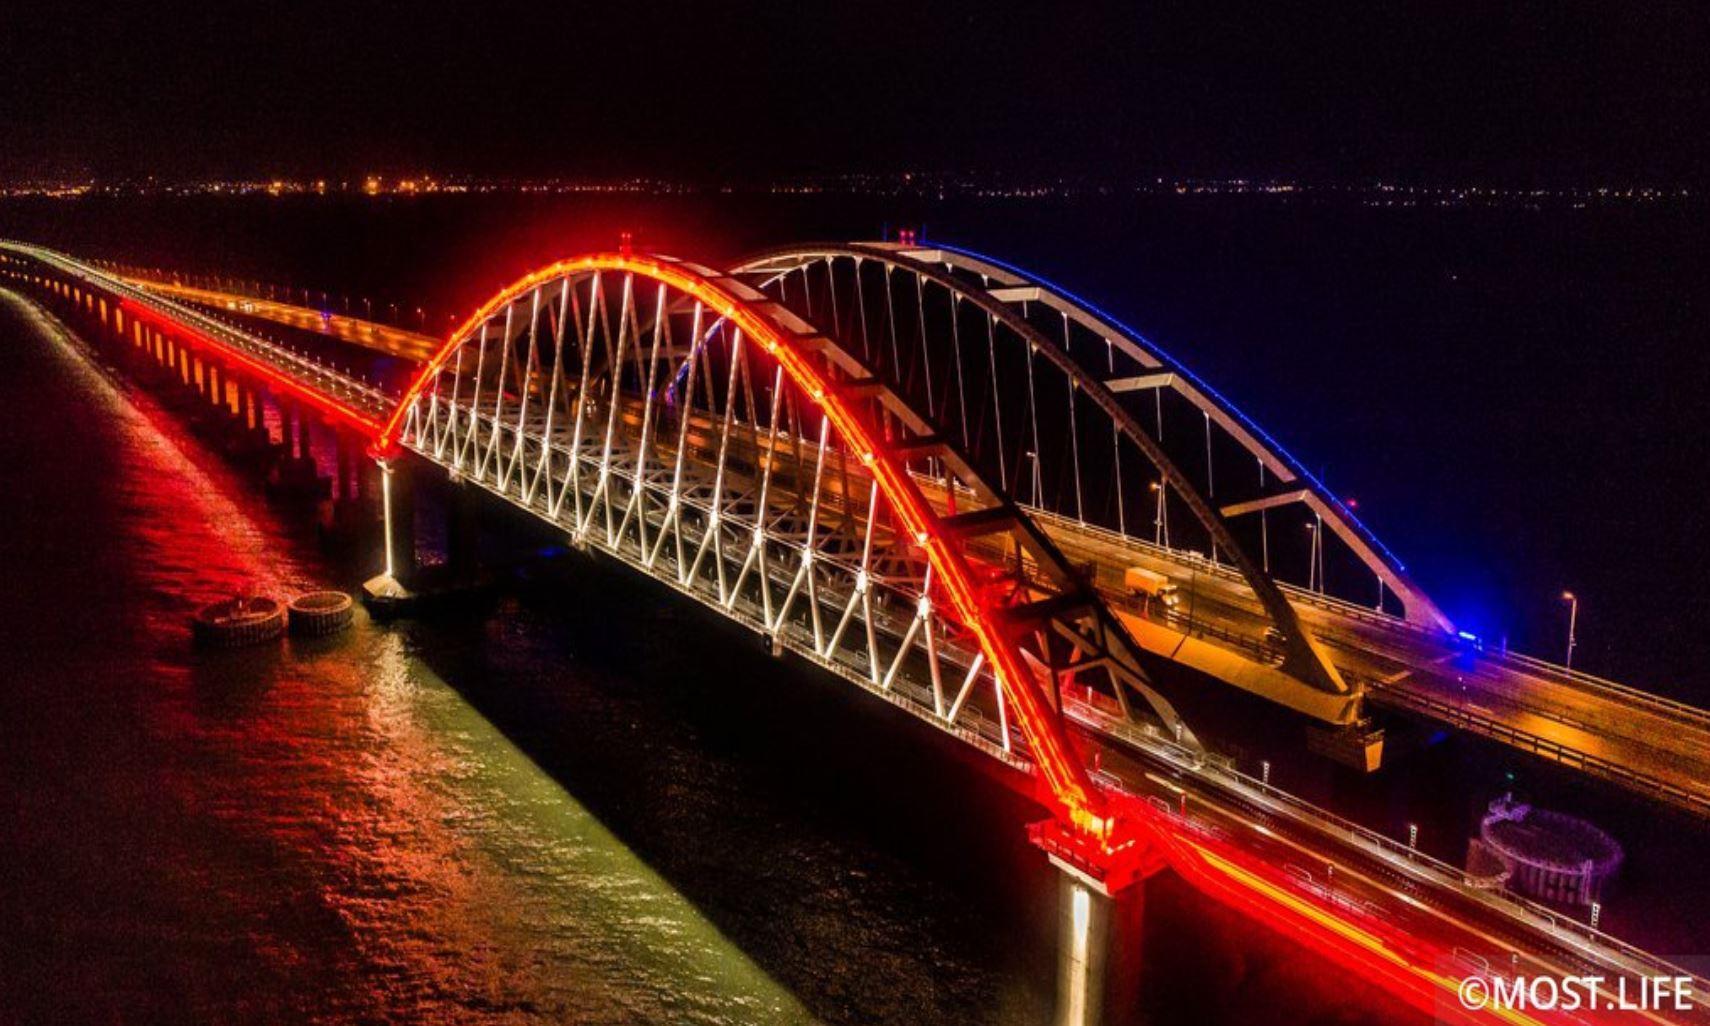 شاهد.. تشييد أطول جسر في أوروبا في 150 ثانية